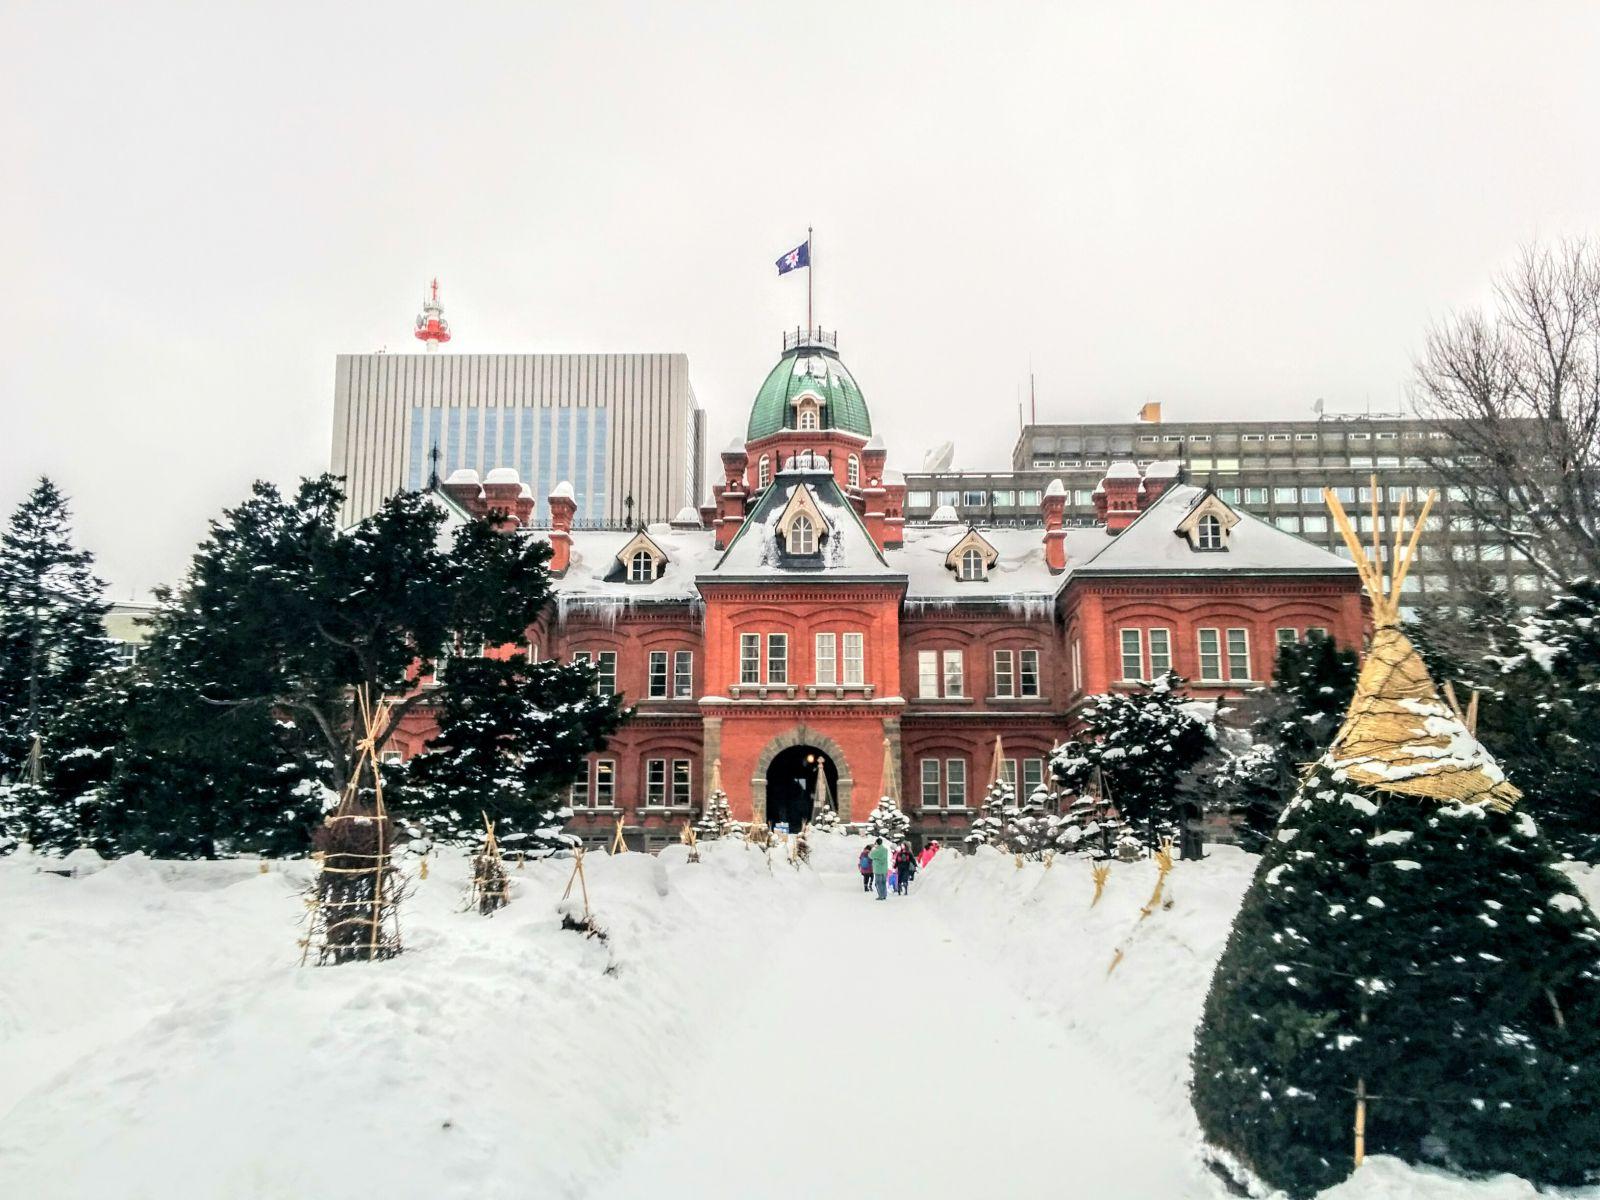 【札幌】冬の北海道庁舎旧本庁舎観光タクシー